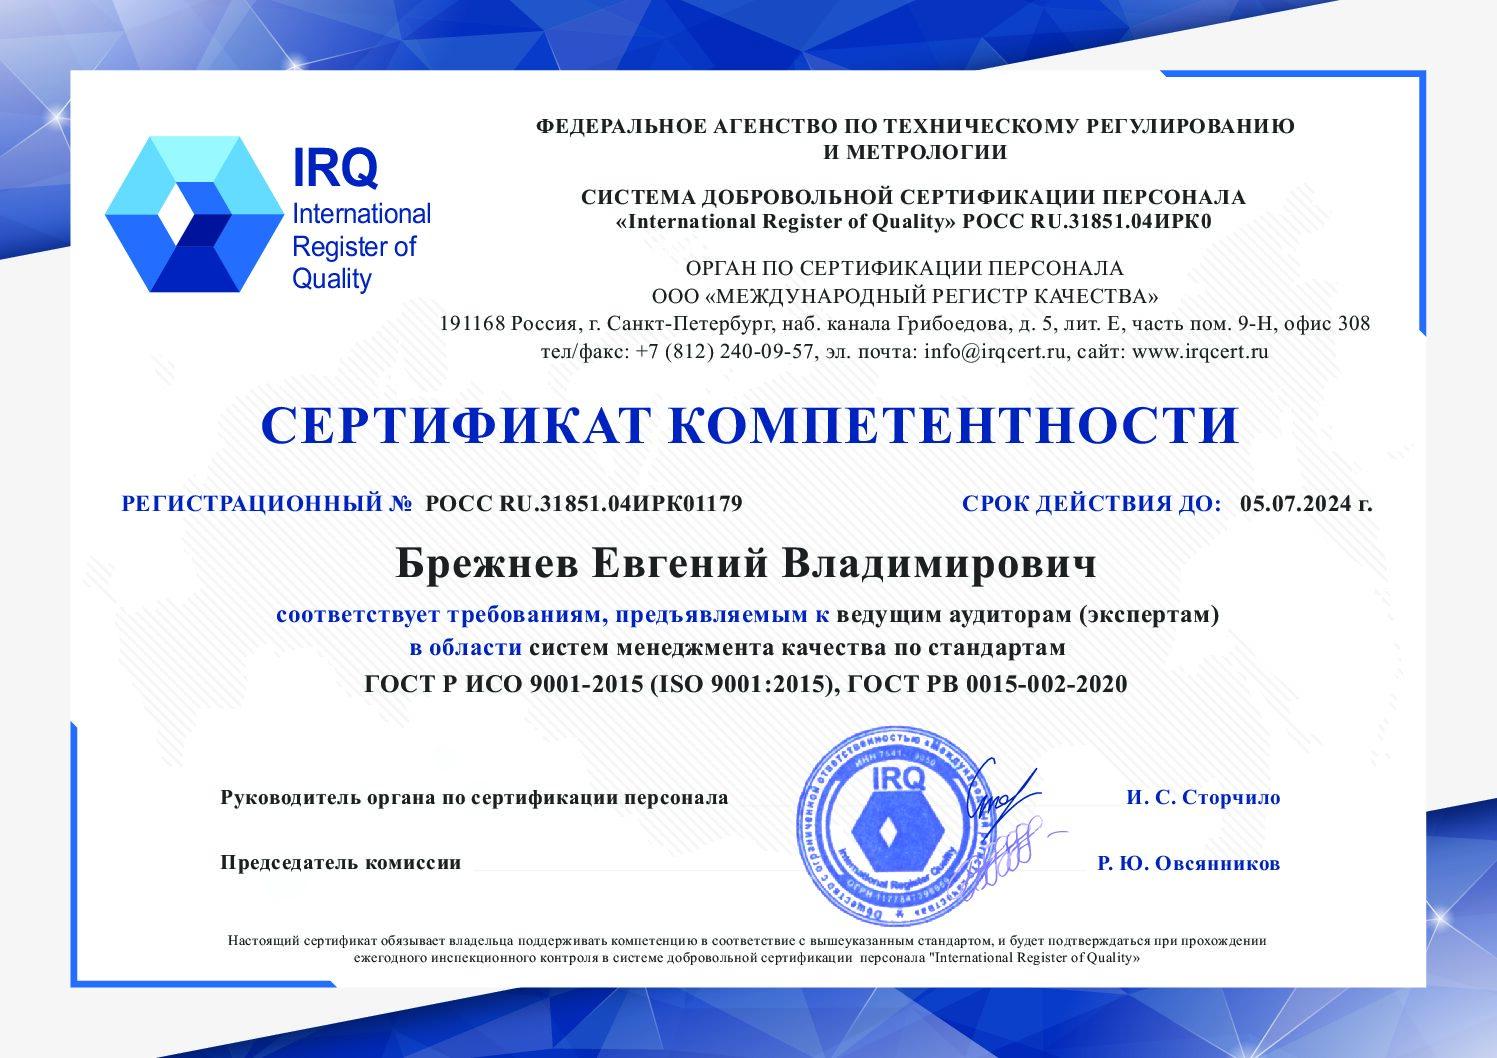 Сертификат компетентности ISO 9001